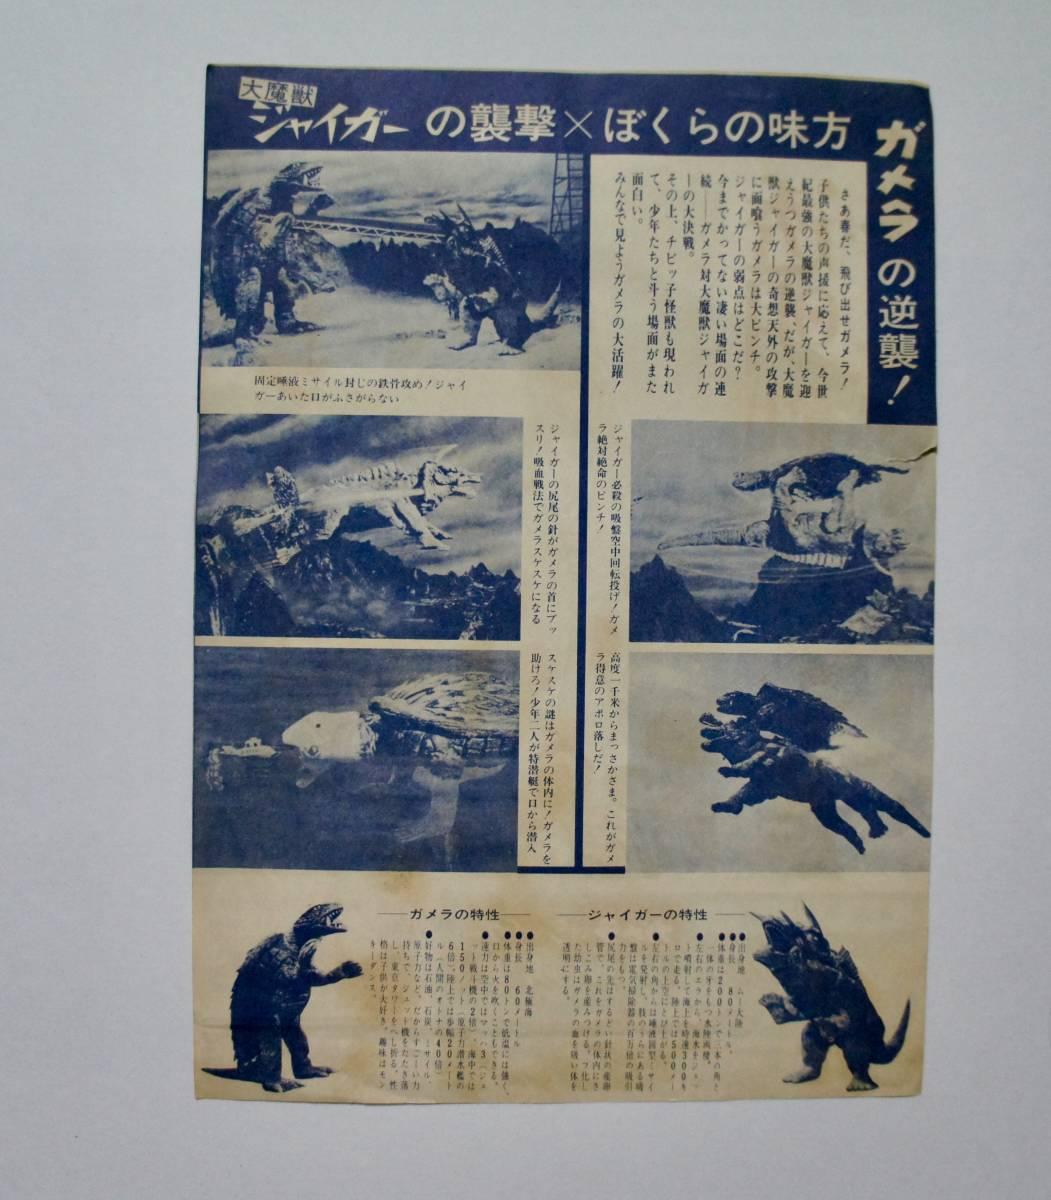 大映映画 ガメラ対大魔獣ジャイガー 割引券付きチラシ 透明剣士  _画像2